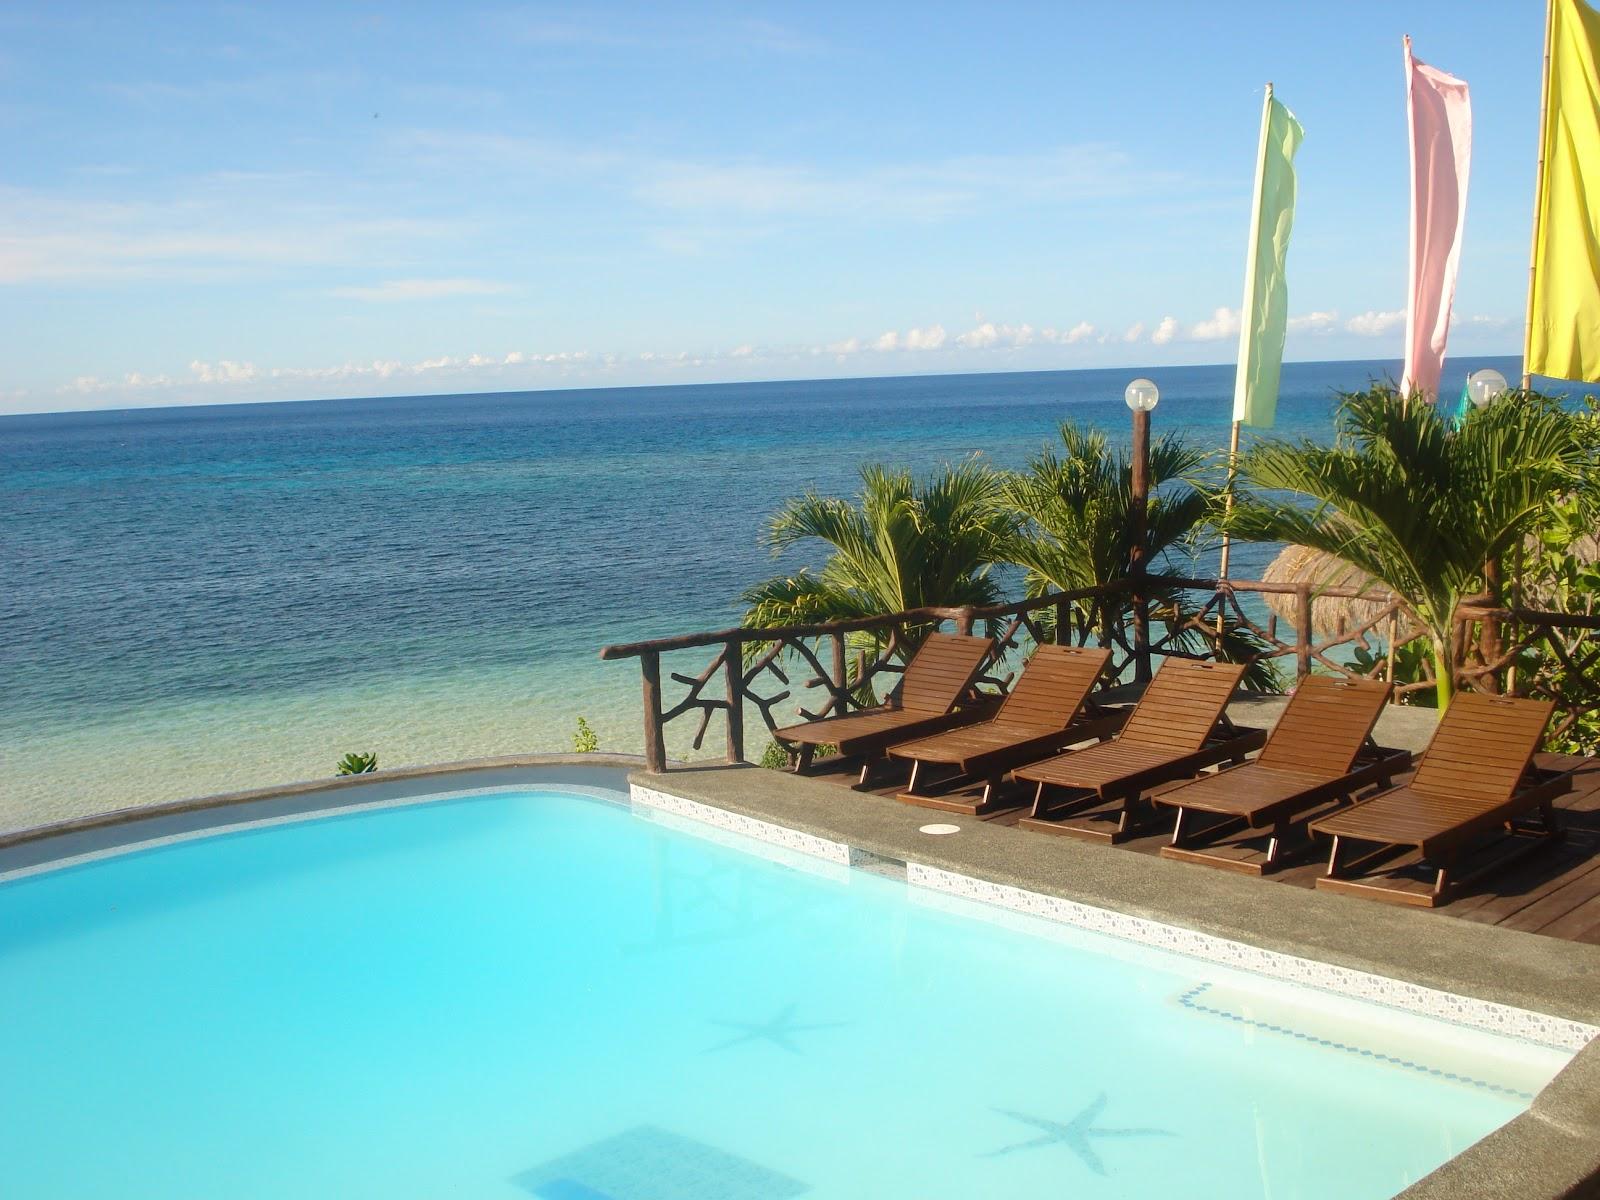 Bano Beach Resort Camotes Room Rates